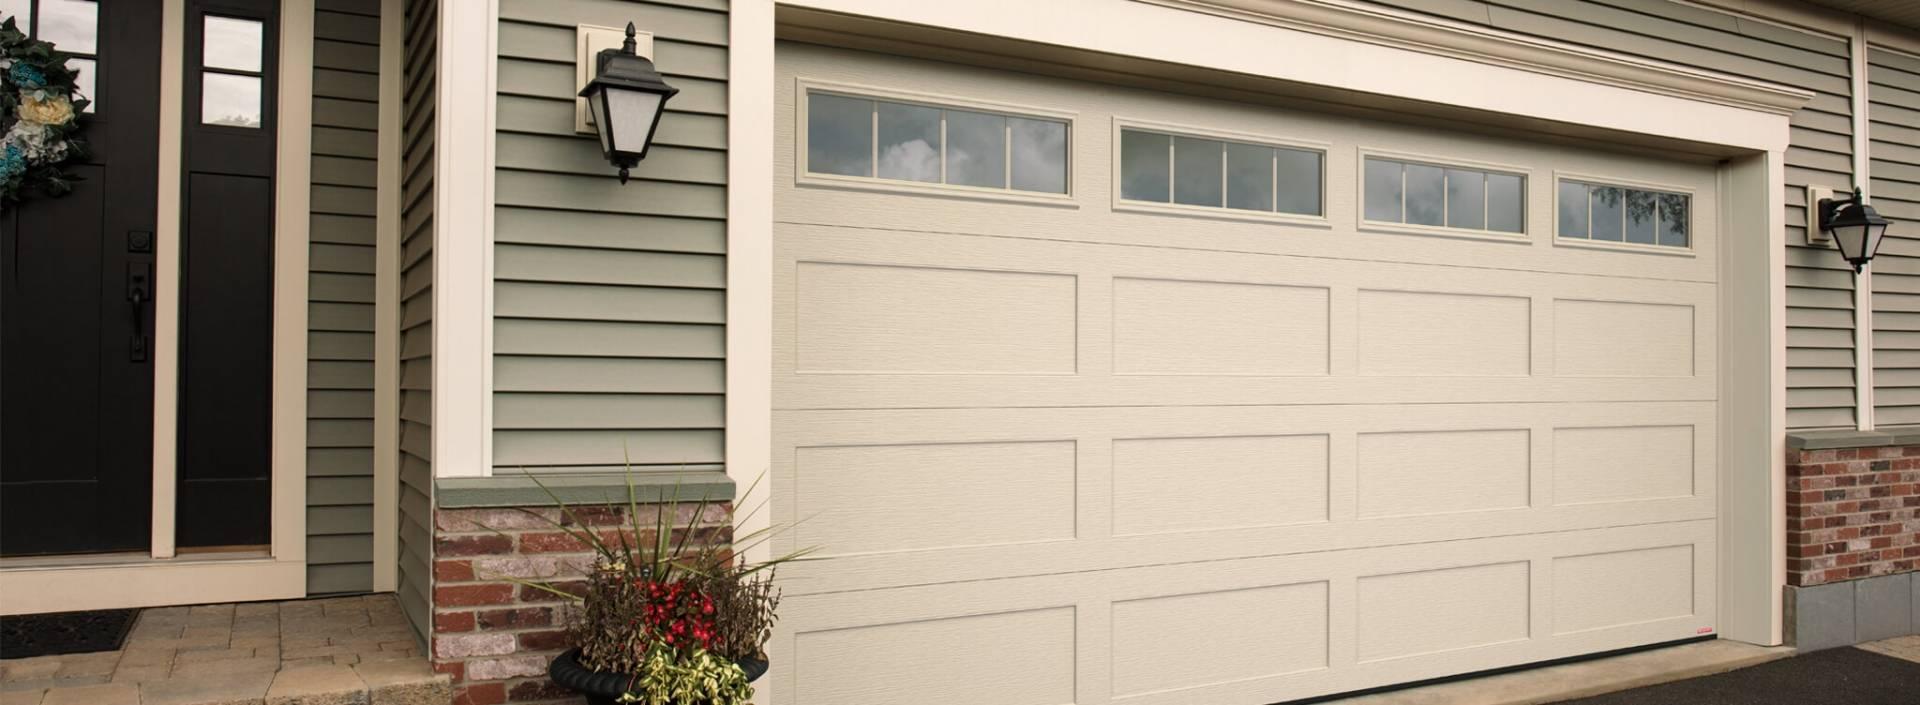 Garage Doors U0026 Openers By Garaga® | The Industry Leader In Quality